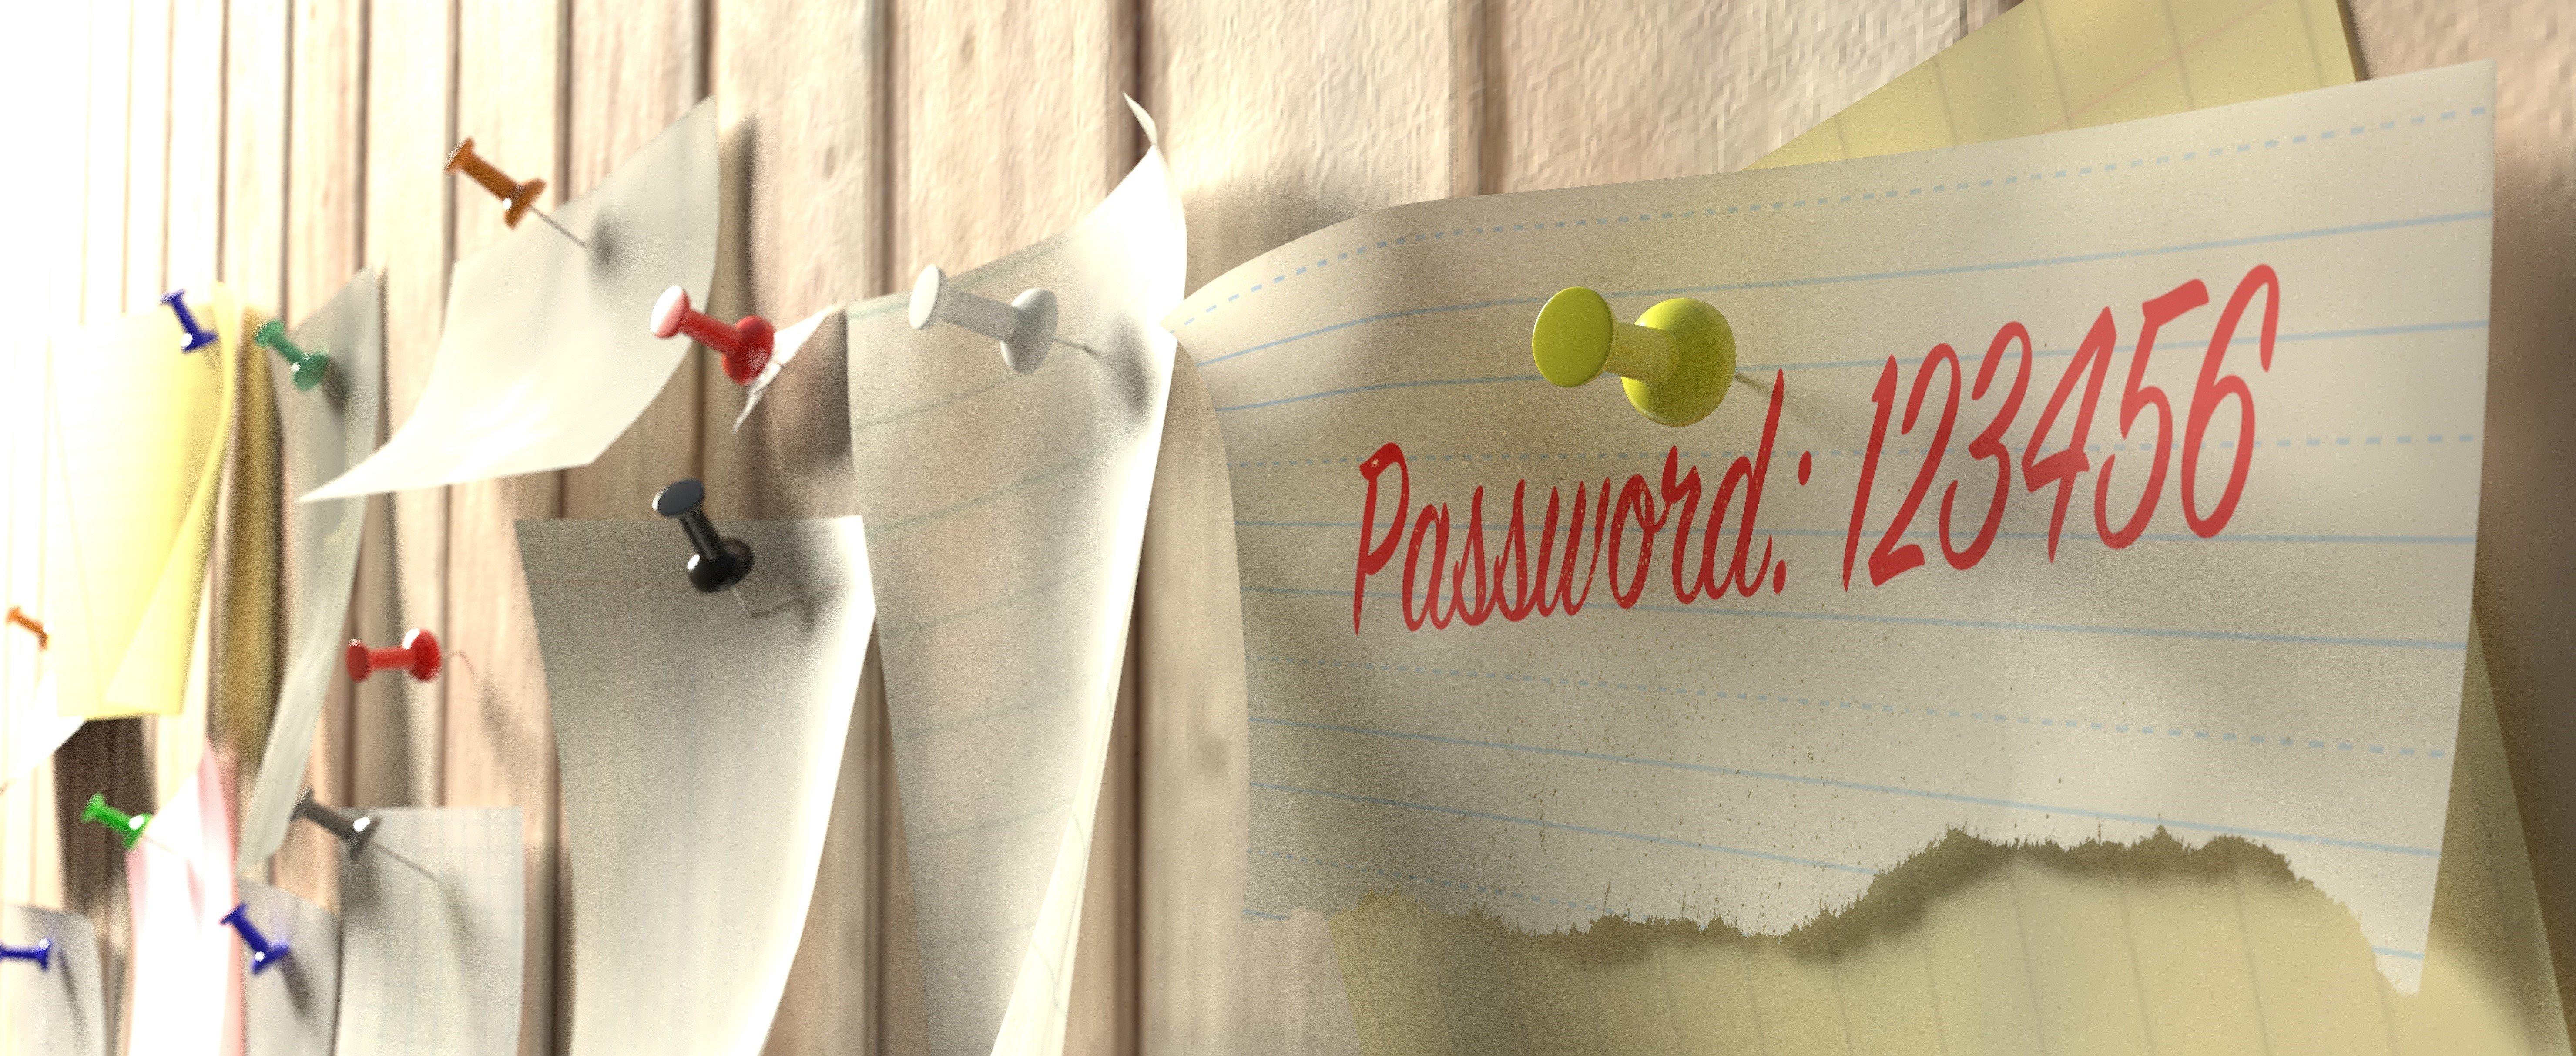 Image of easy password